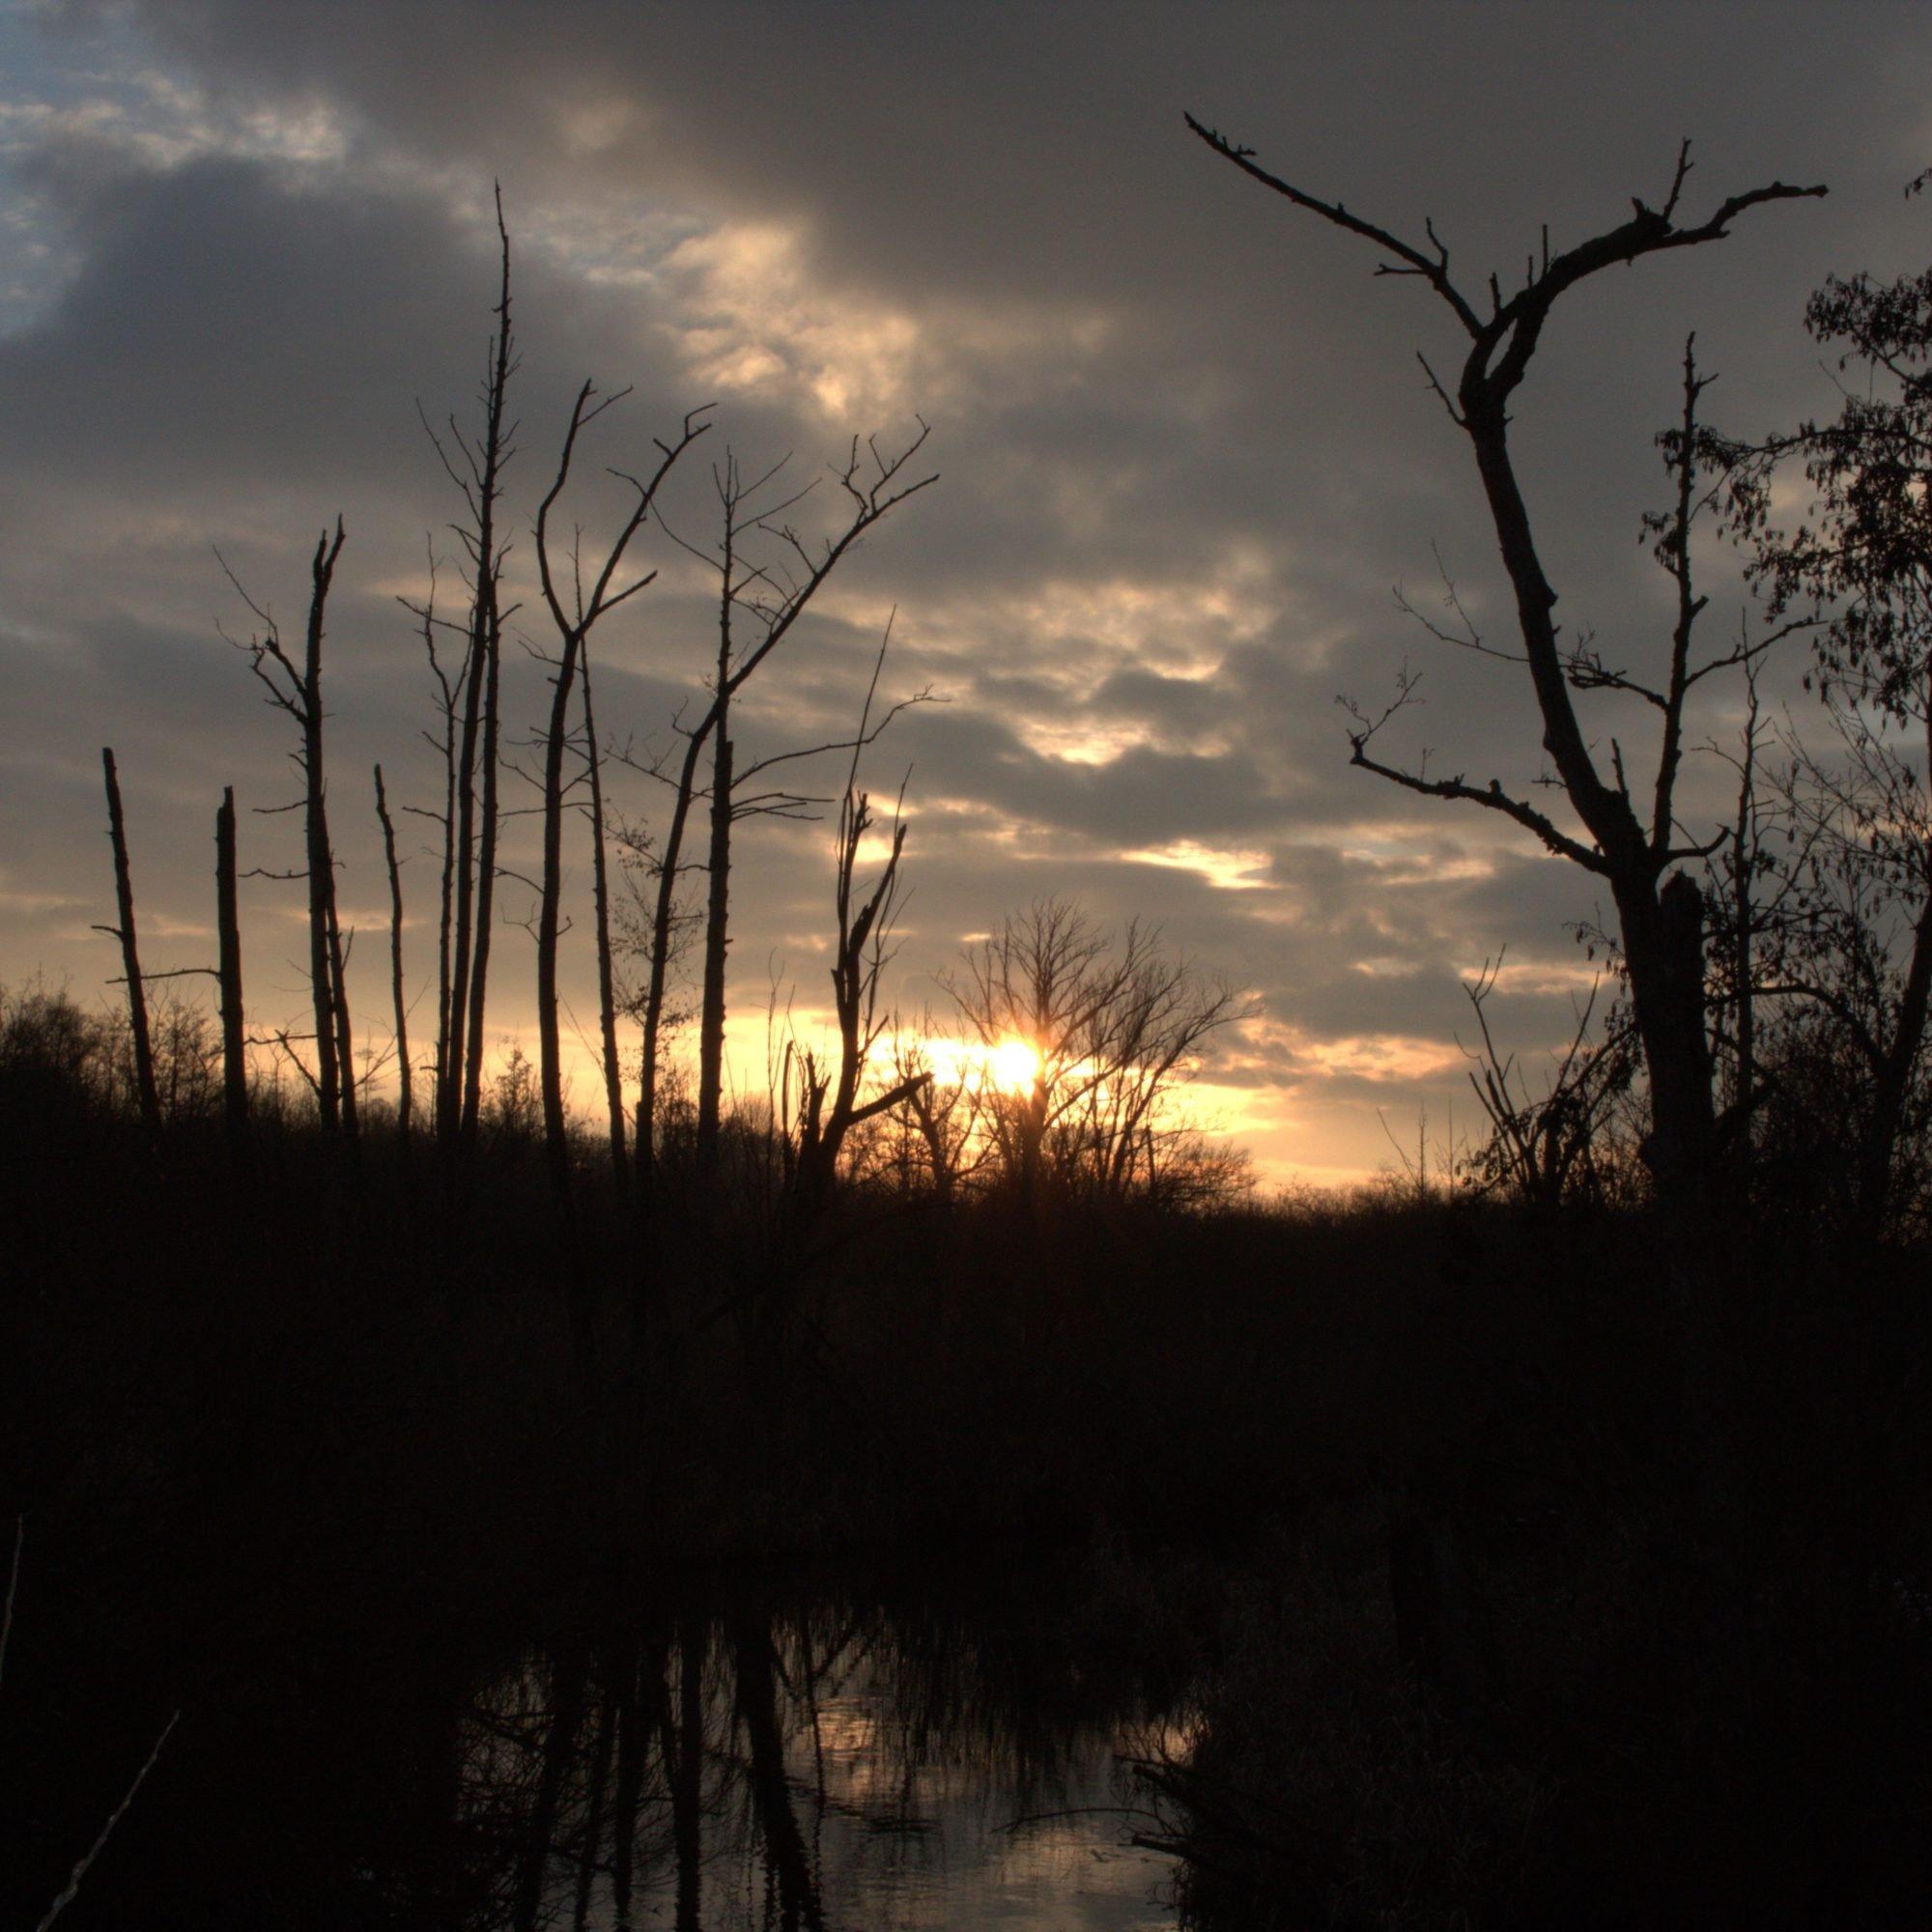 Eine Fotografie kurz vor Sonnenuntergang. Im Vordergrund durch den Schatten dunkle Gräser, kahle Bäume und ein kleiner Teich. AM Horizont die letzten Sonnenstrahlen und ein wolkenbedeckter Himmel.